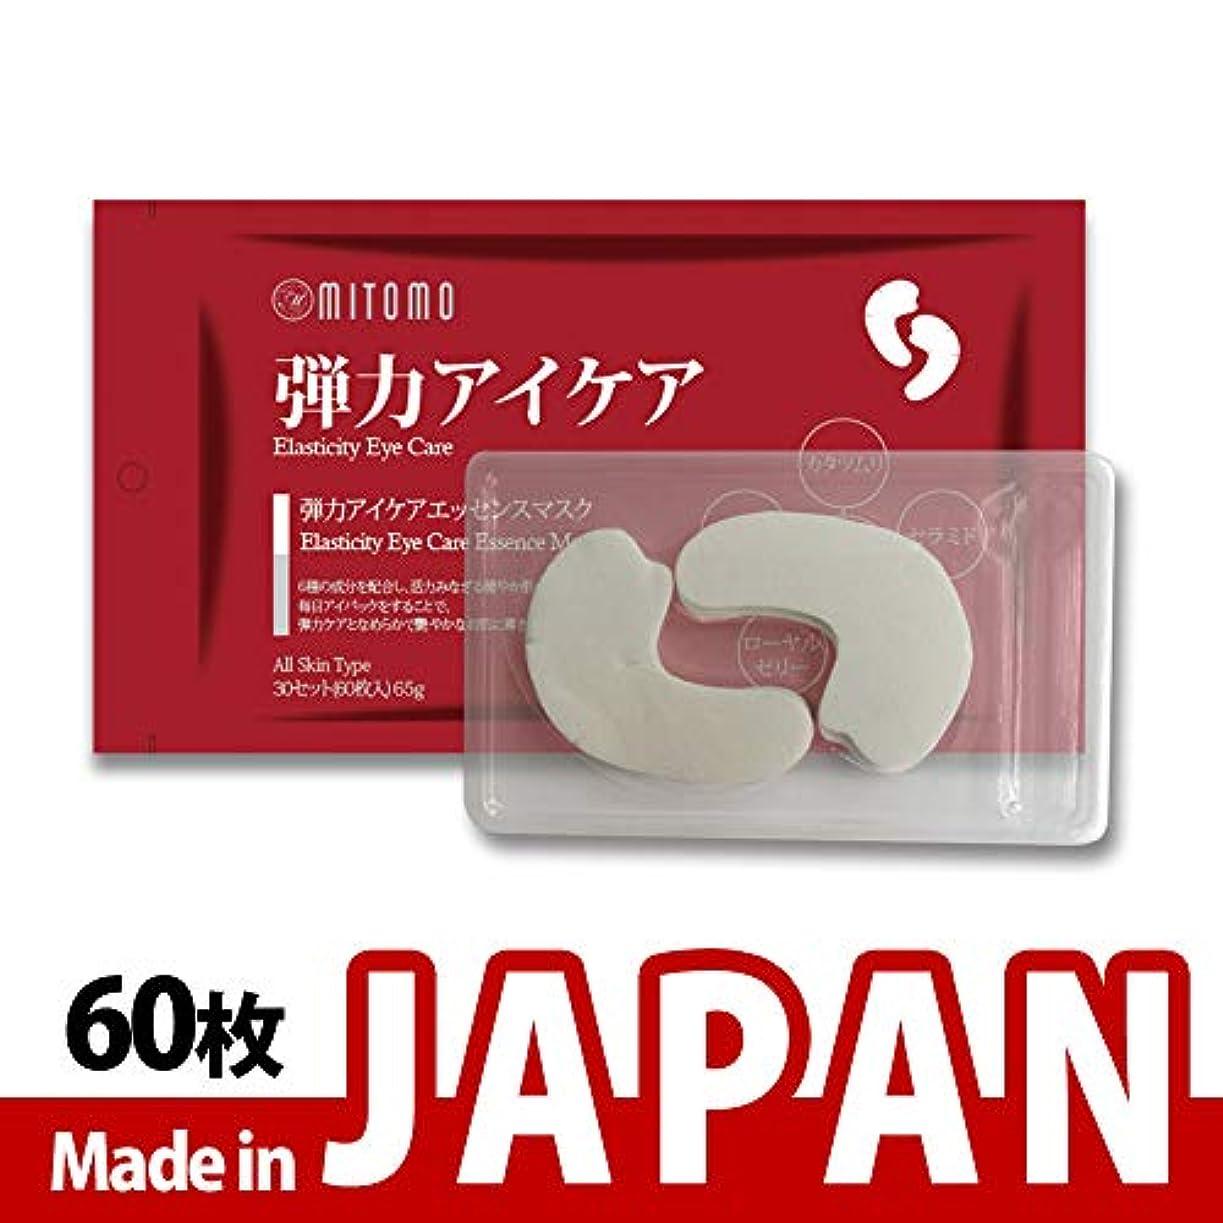 理容師波紋ショップMITOMO【MC005-B-0】日本製シートマスク/60枚入り/60枚/美容液/マスクパック/送料無料